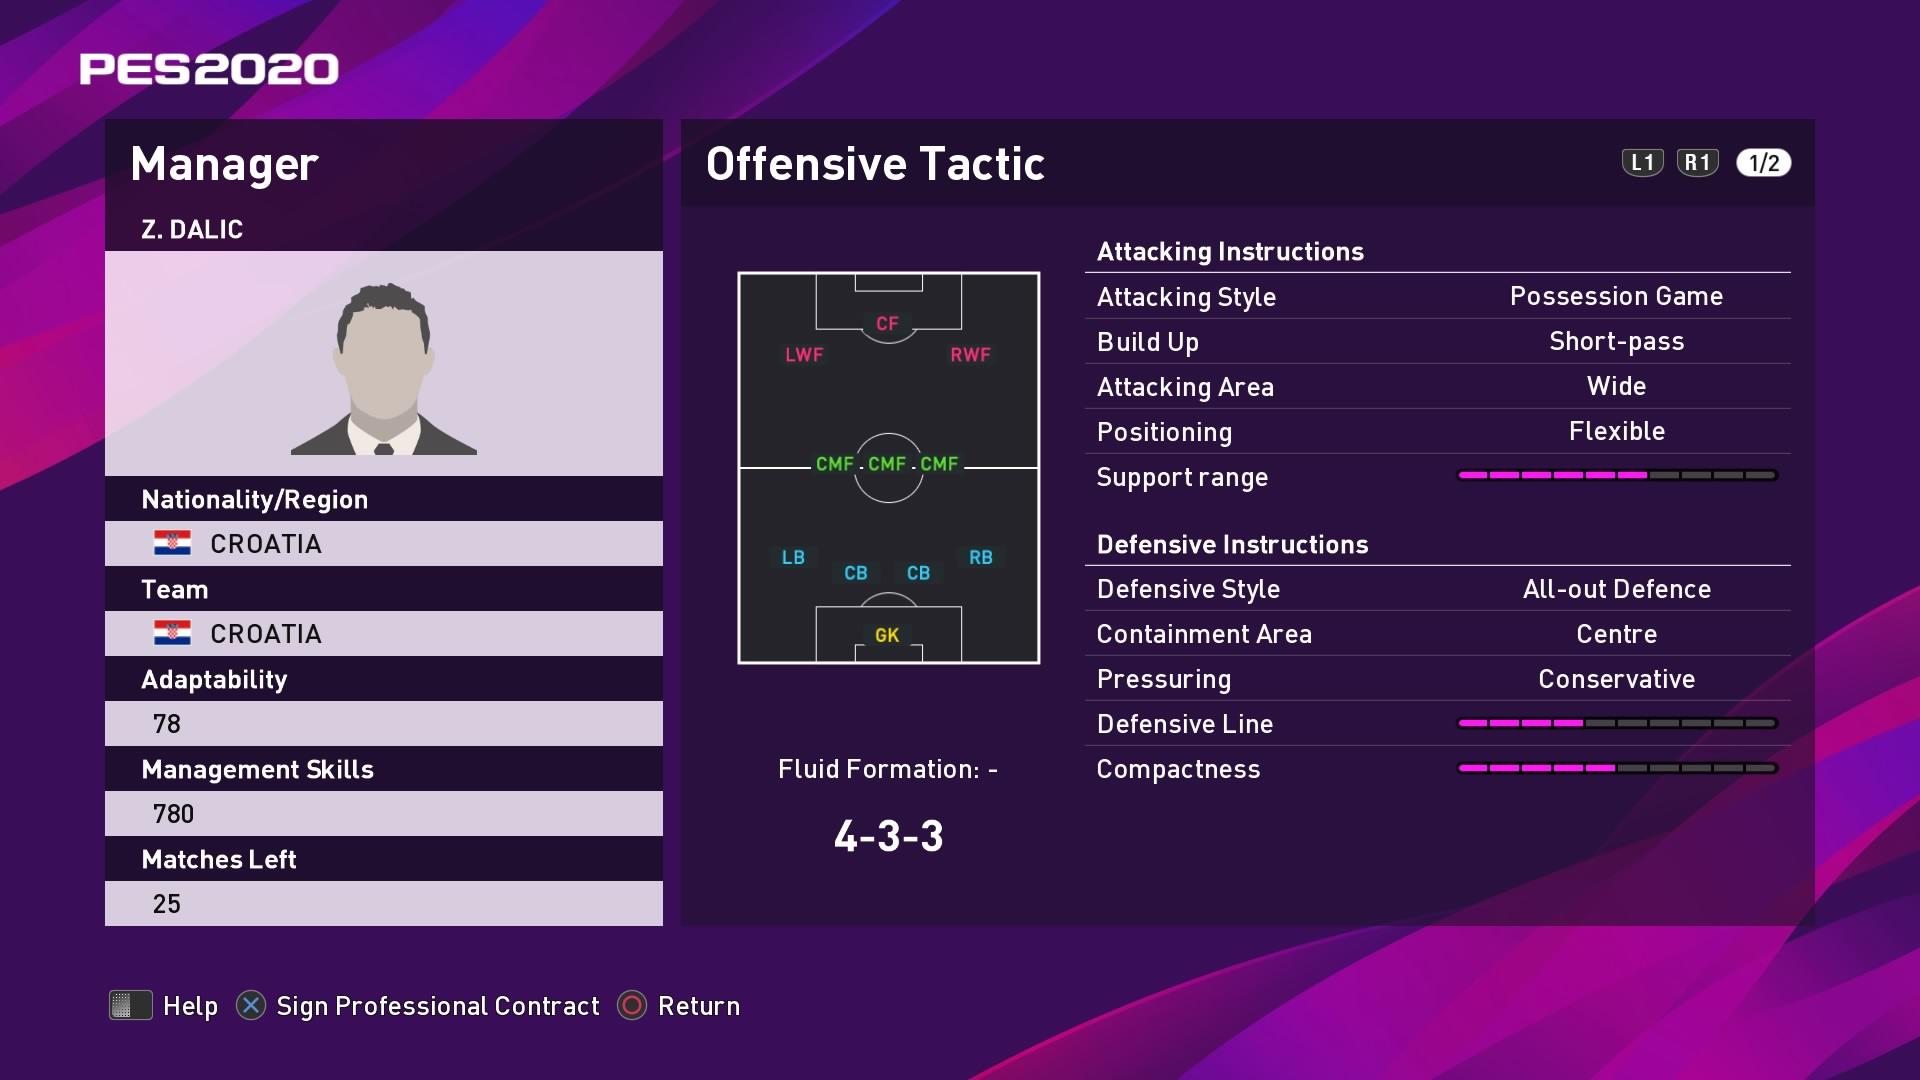 Z. Dalic (Zlatko Dalić) Offensive Tactic in PES 2020 myClub